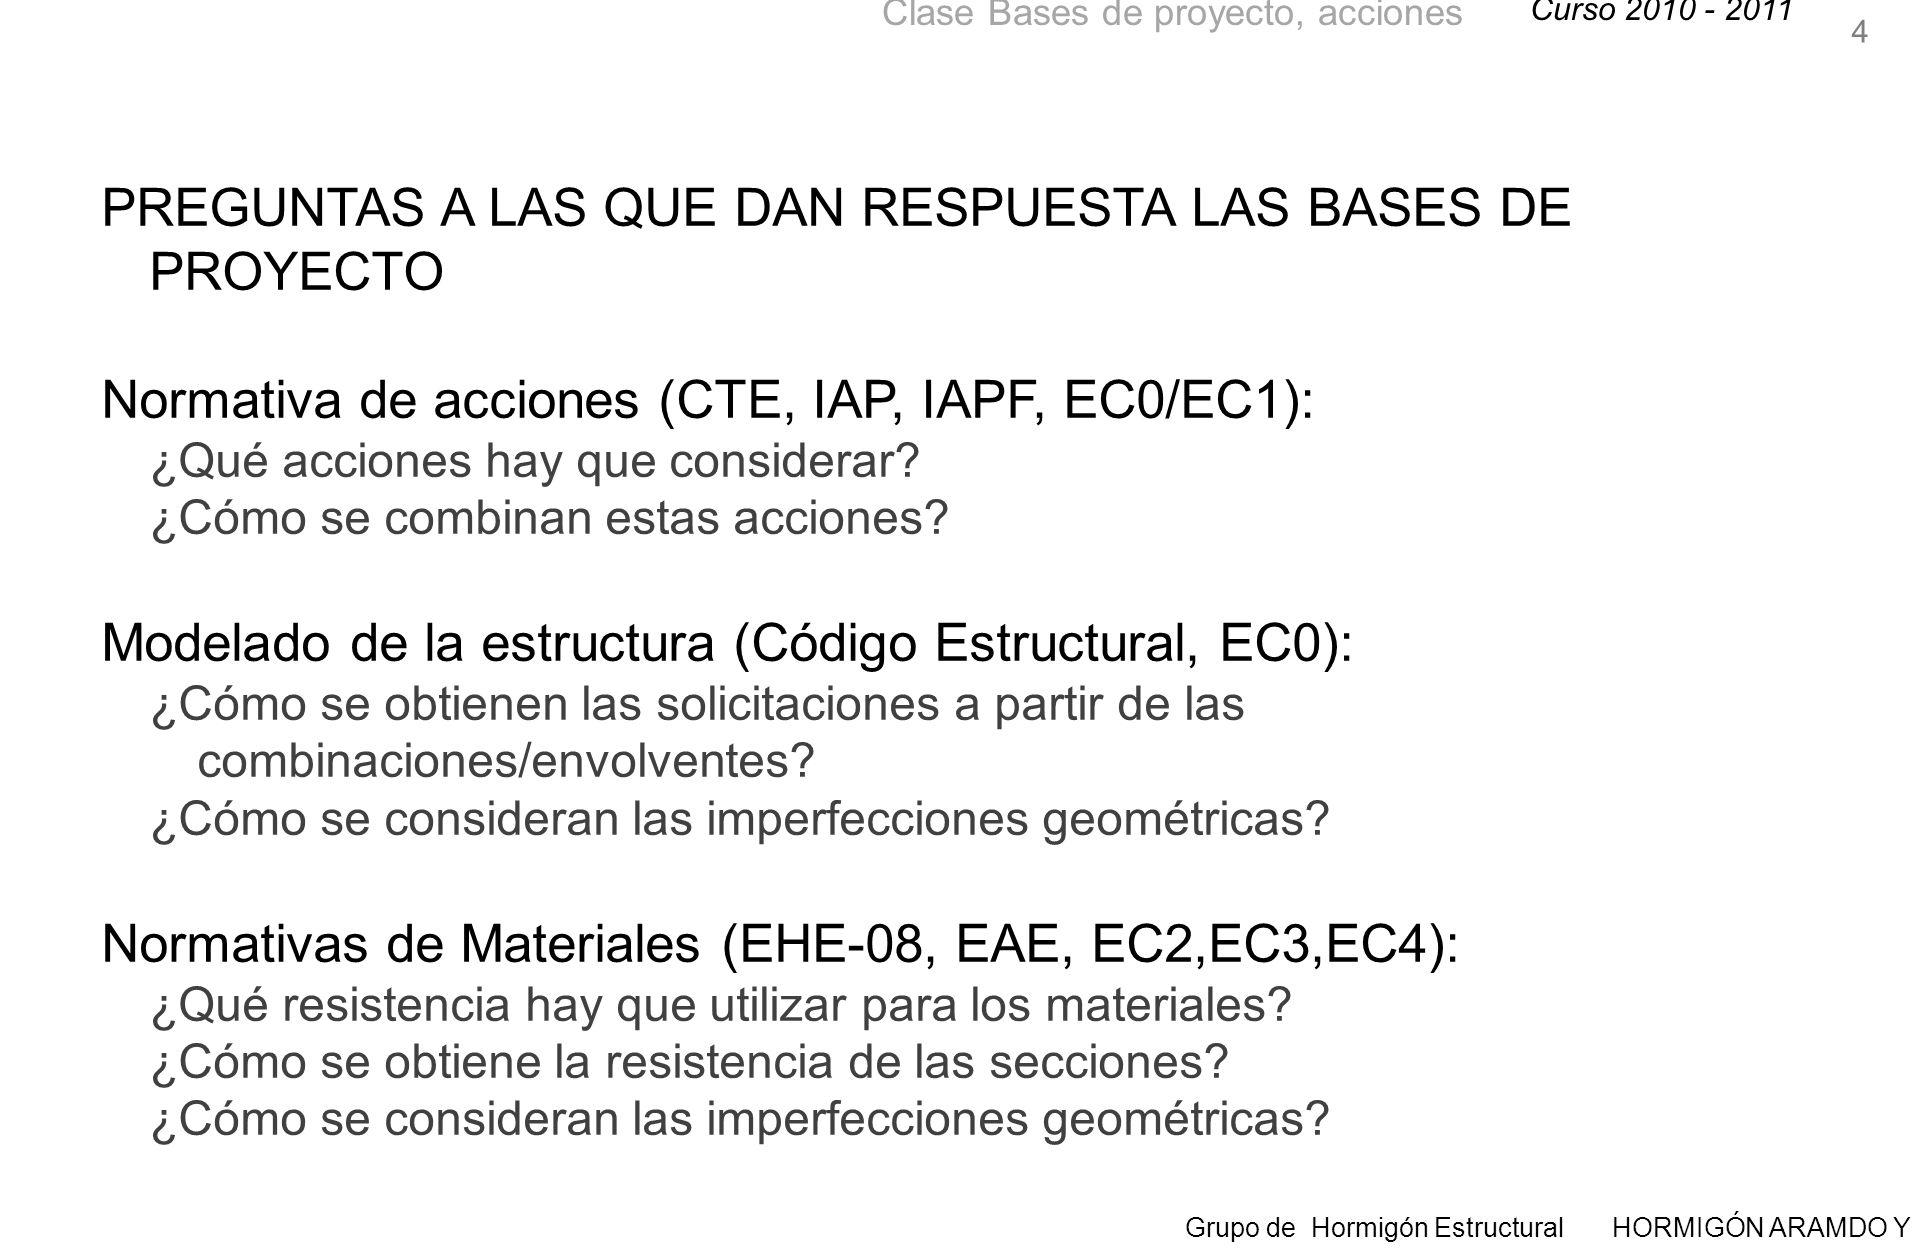 Curso 2010 - 2011 Grupo de Hormigón Estructural HORMIGÓN ARAMDO Y PRETENSADO II Clase Bases de proyecto, acciones 2.1.